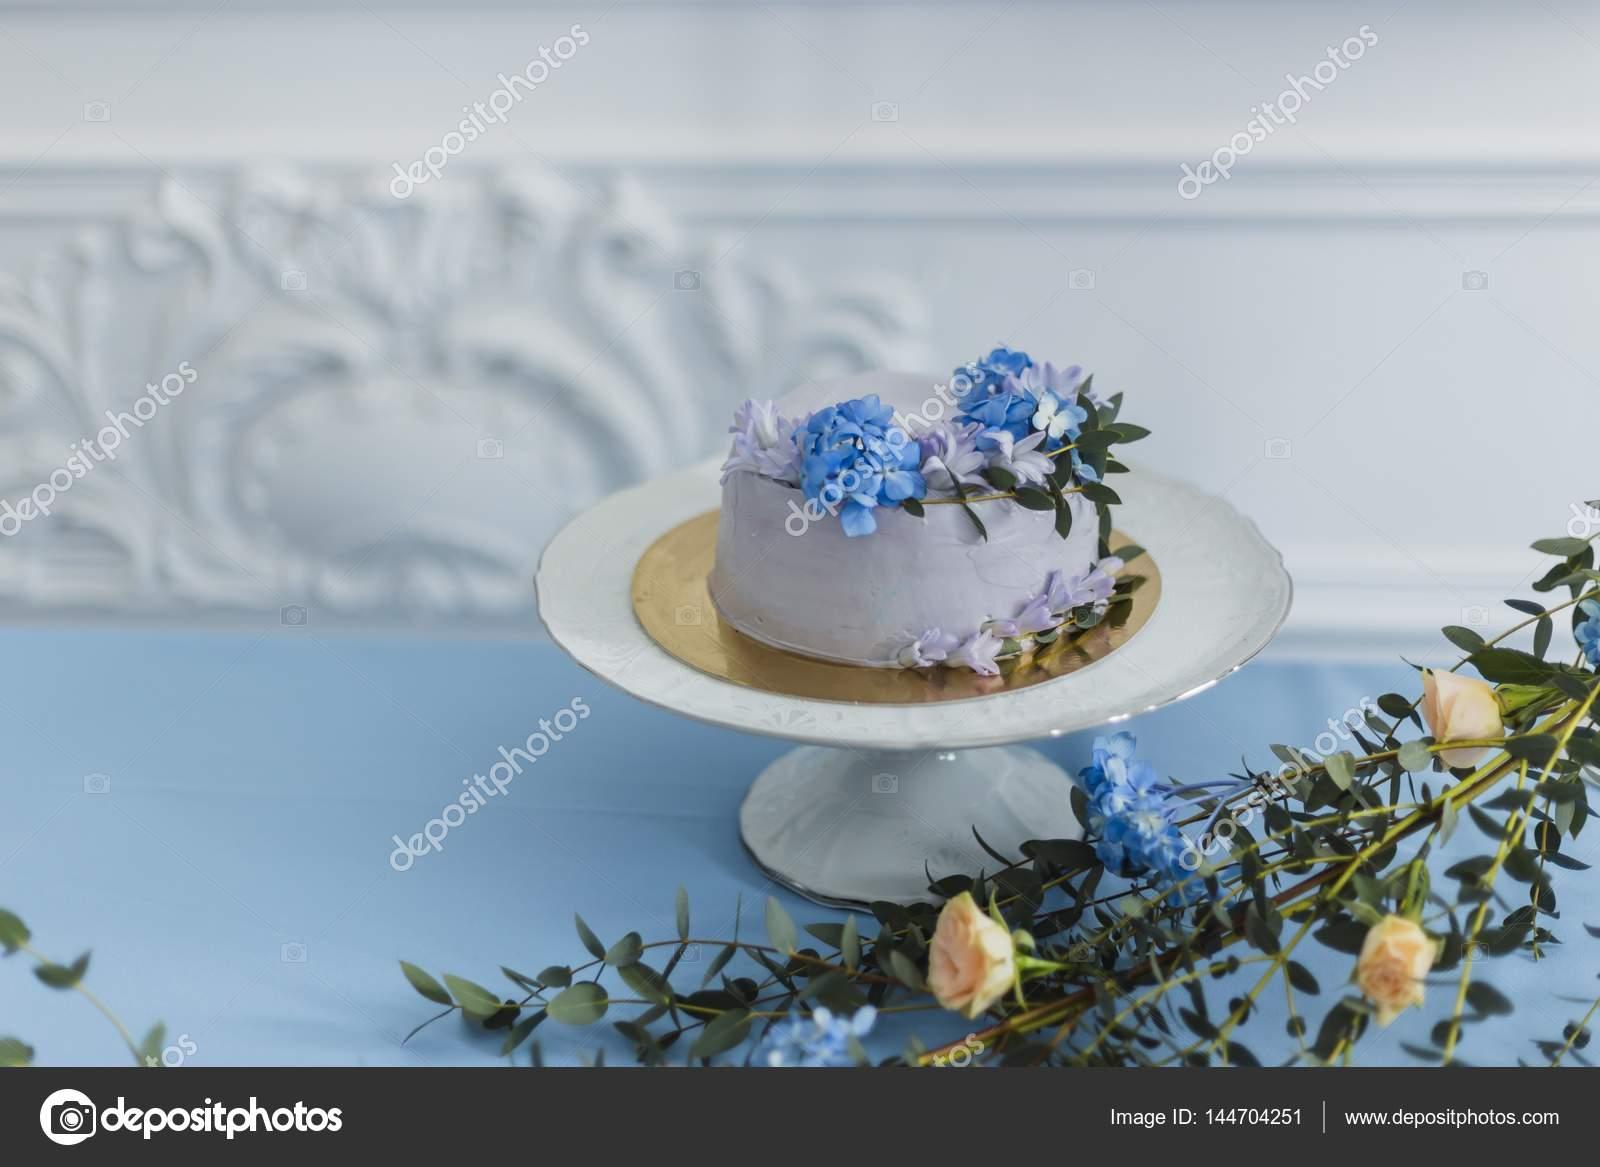 Decoraciones De La Boda Con Pastel Y Flores Hermosas Foto